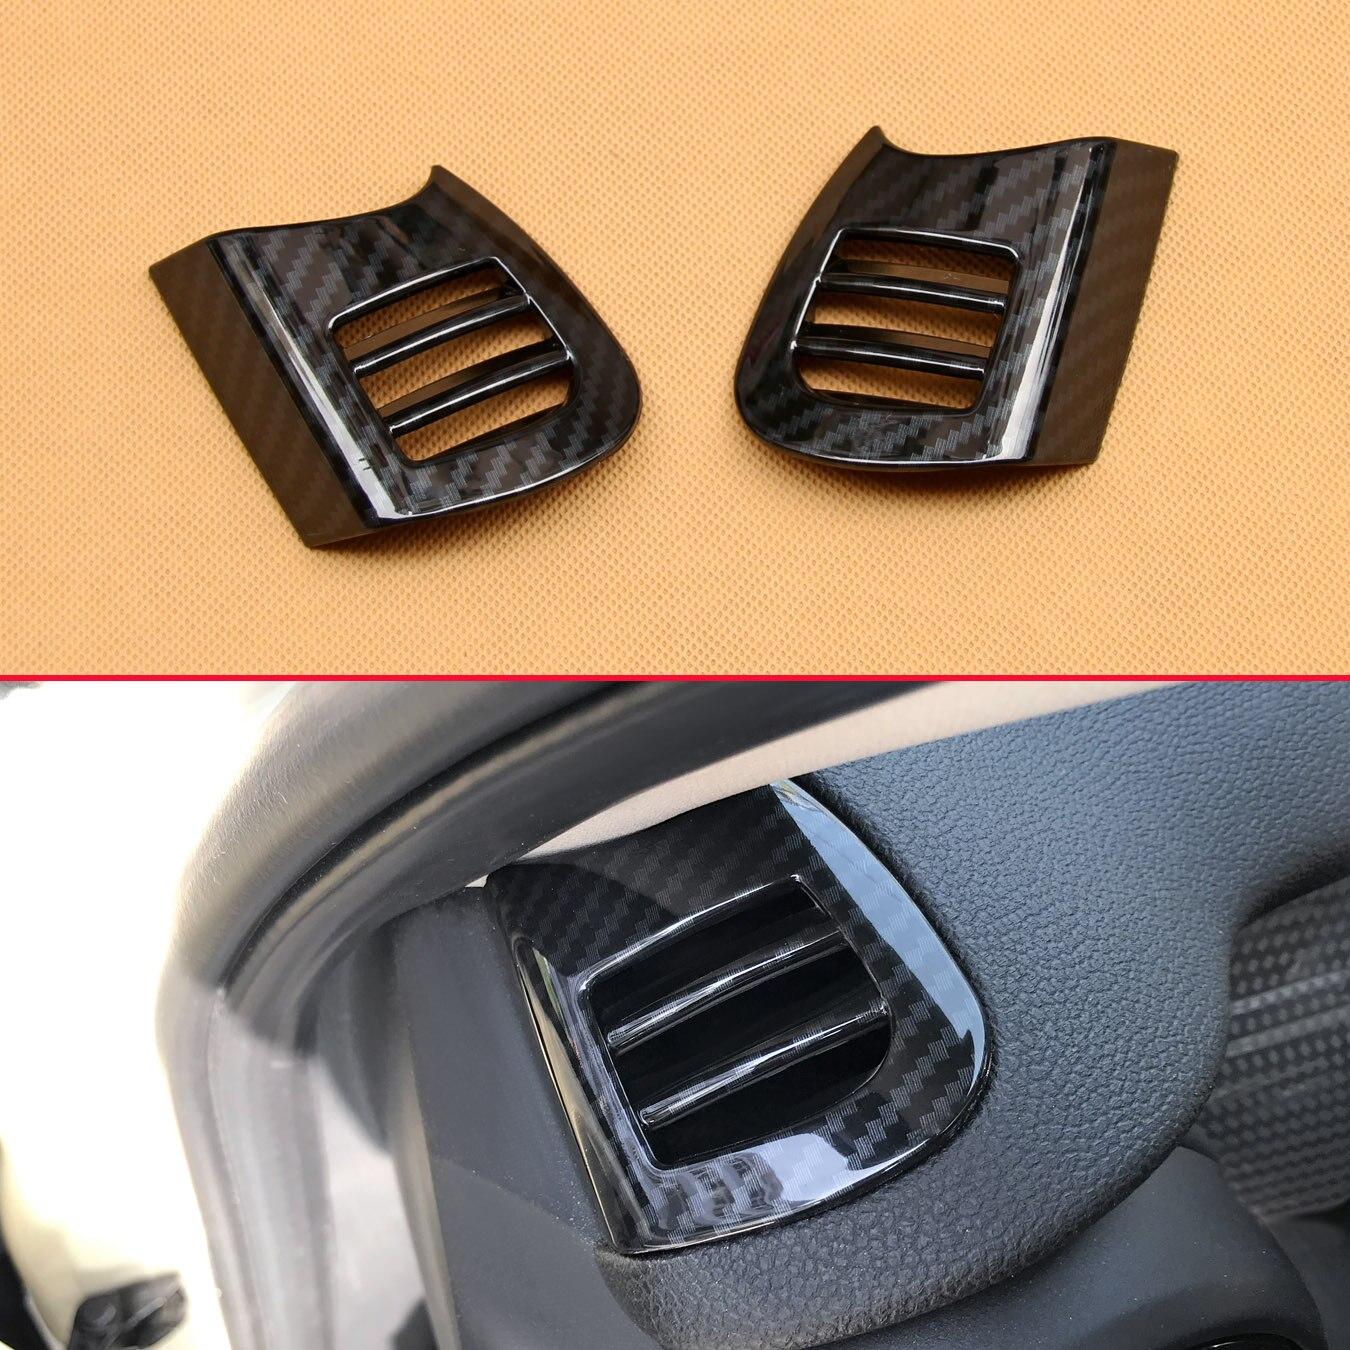 Dash Air Vent Cover For Mini Cooper F55 F56 F57 2015-2018 Interior Dashboard Trims Accessories